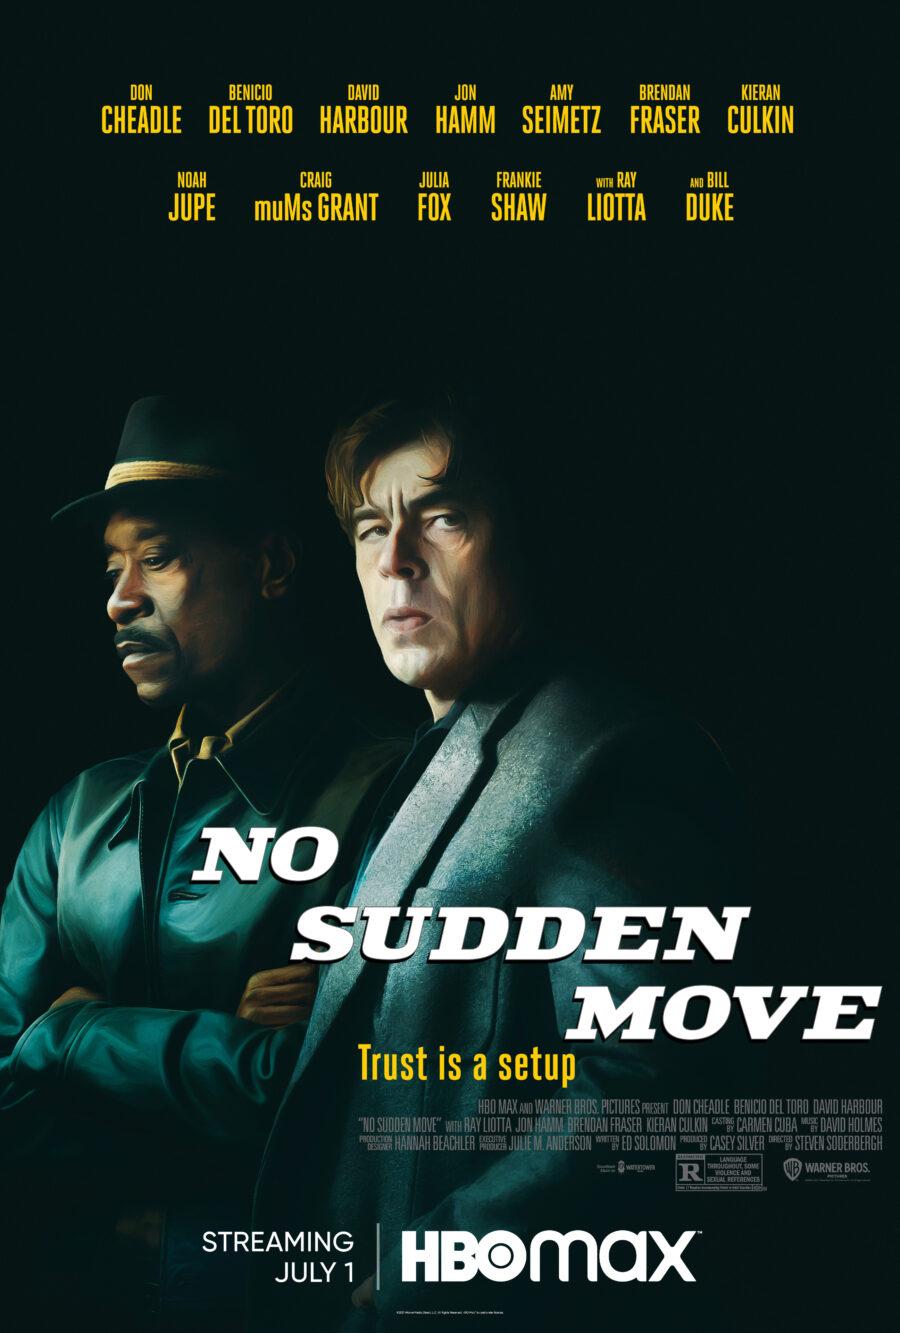 no sudden move poster don cheadle